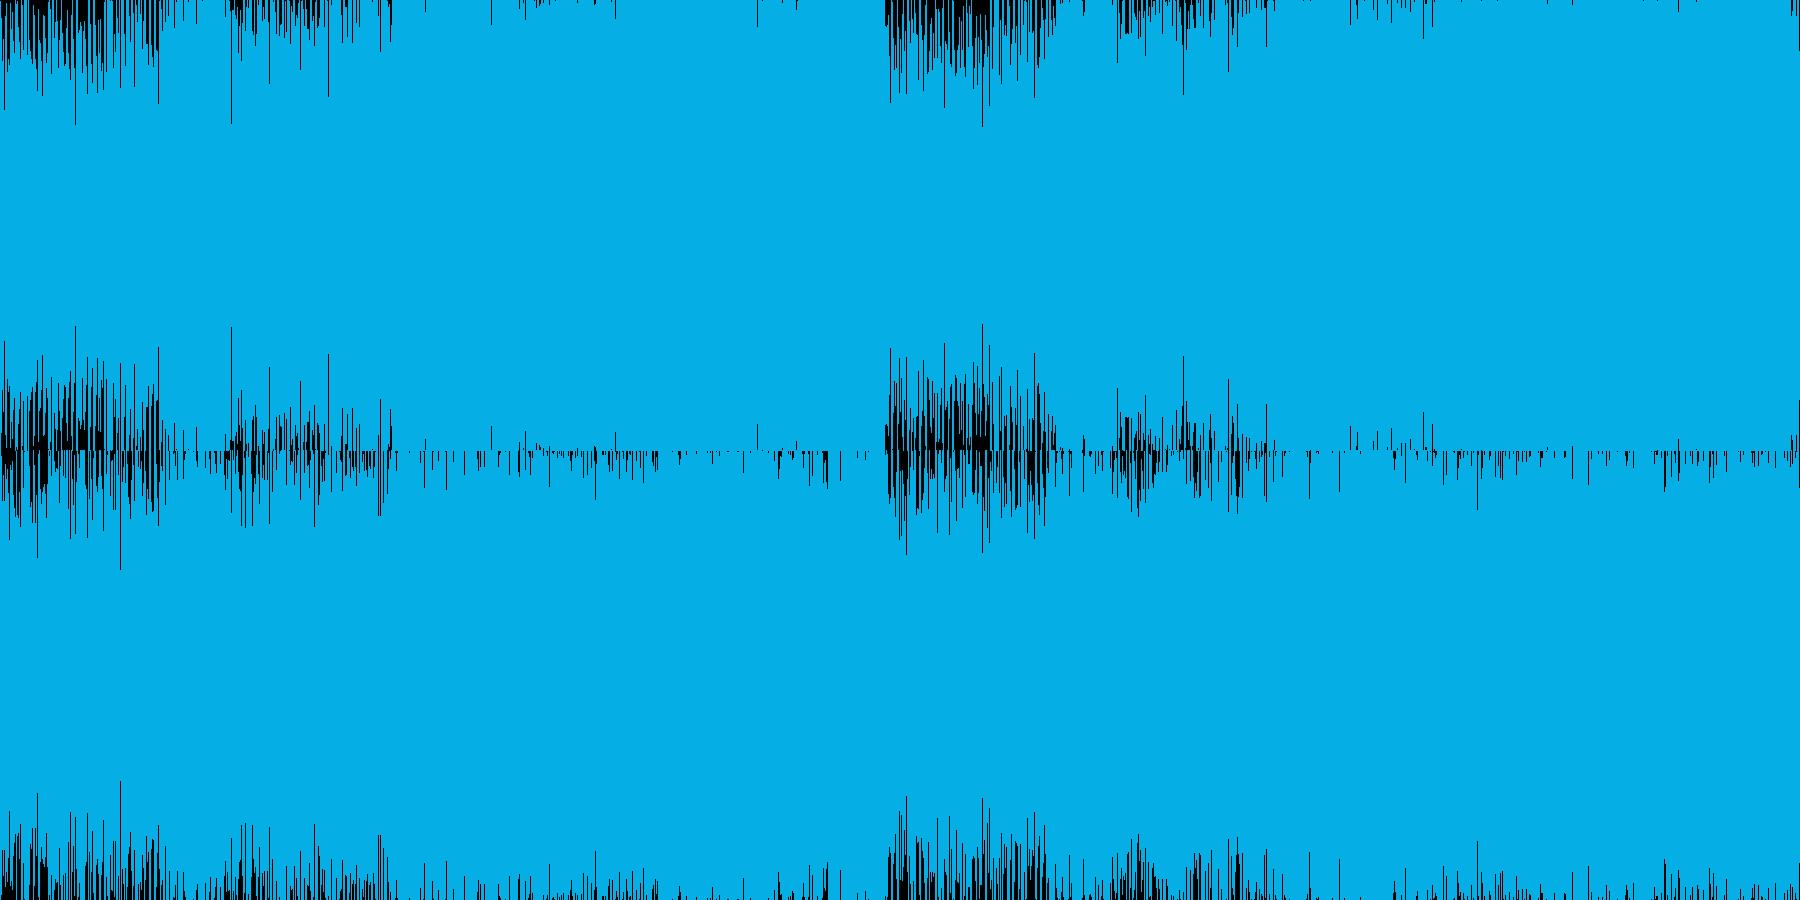 ループ処理版の再生済みの波形